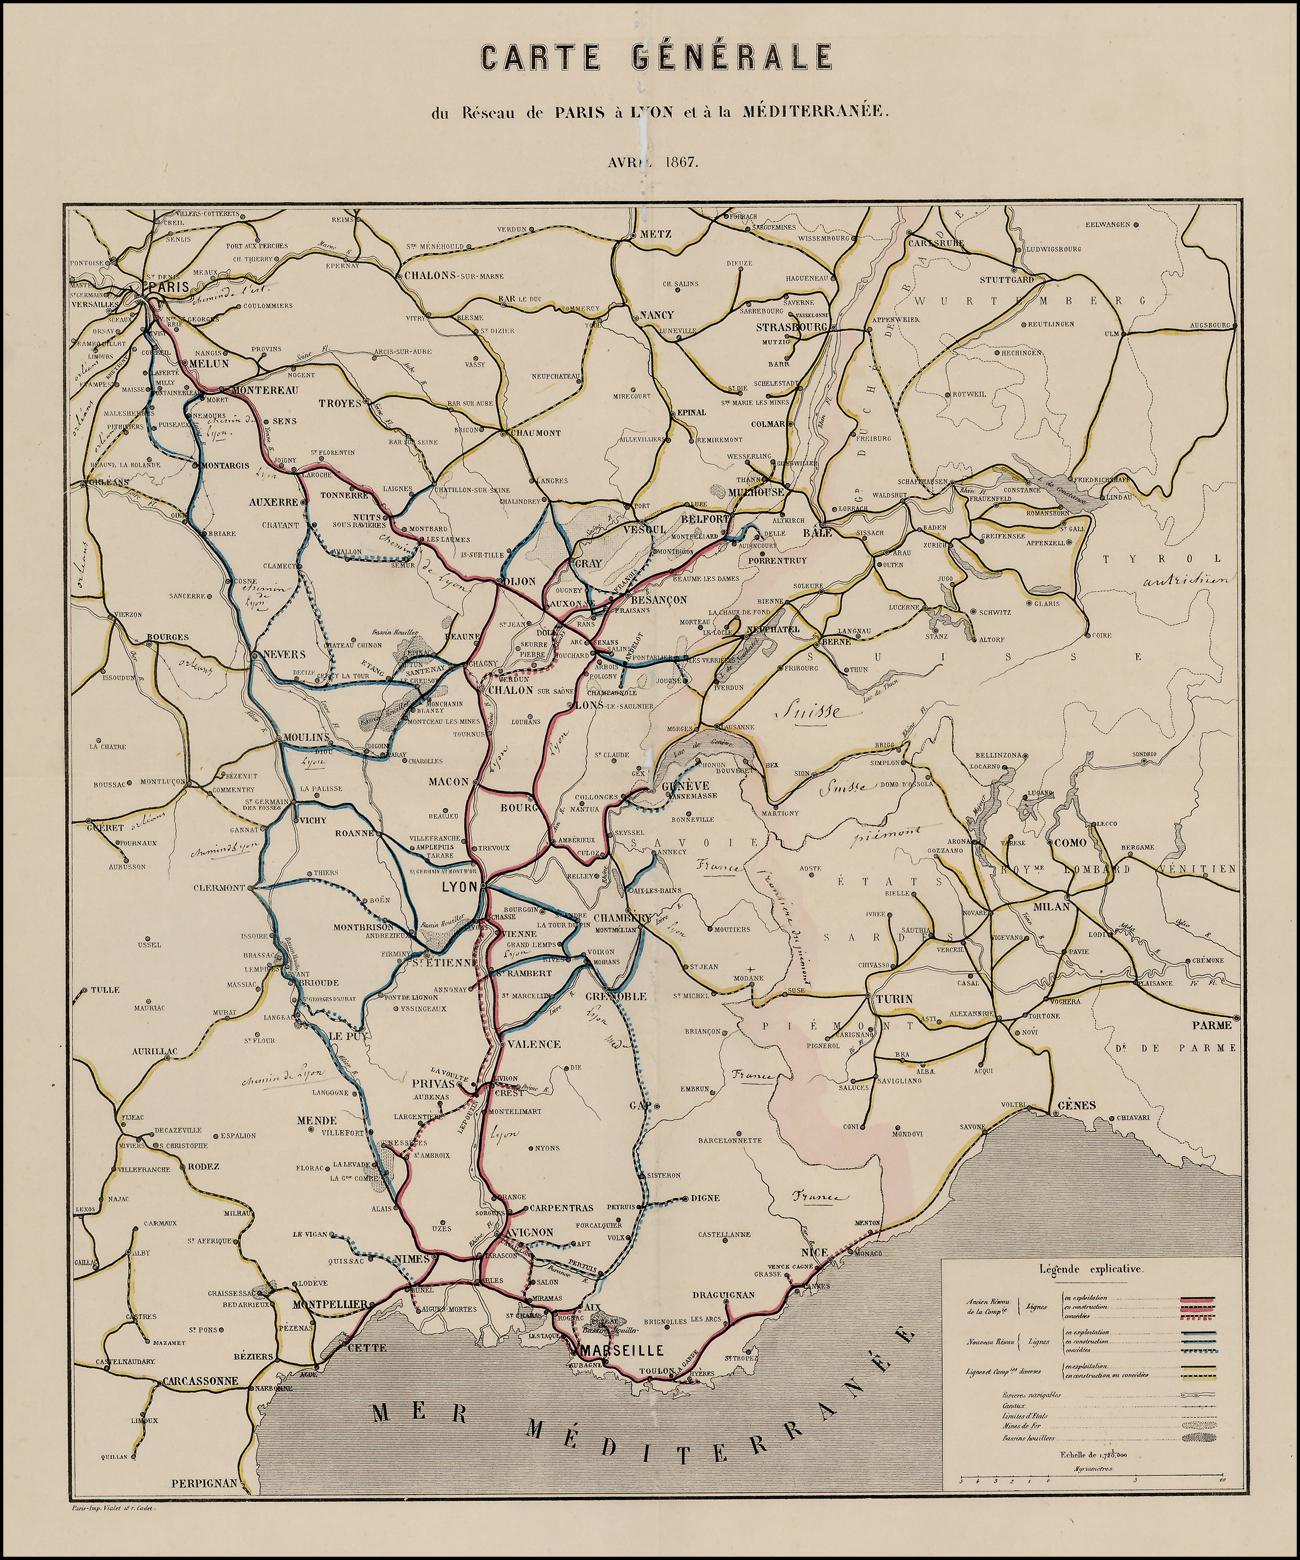 Carte Generale Du Reseau De Paris A Lyon Et A La Mediterranee Avril 1867 Barry Lawrence Ruderman Antique Maps Inc